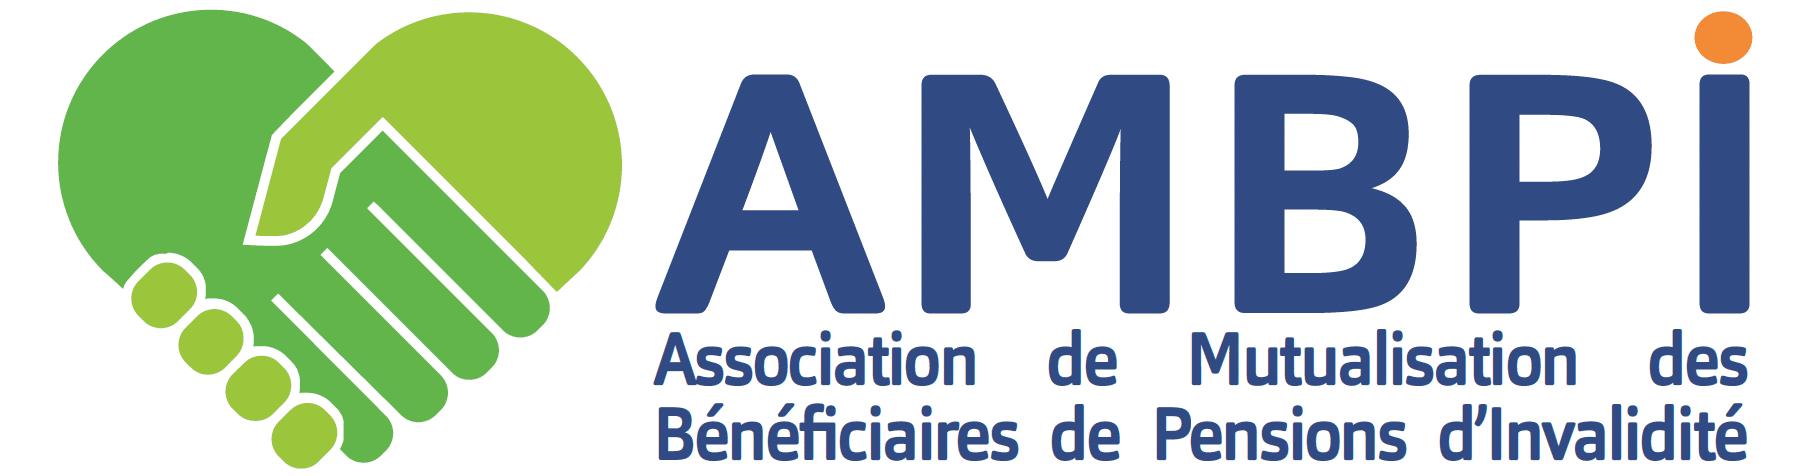 Association pour la Mutualisation des Bénéficiaires d'une Pension d'Invalidité (AMBPI)